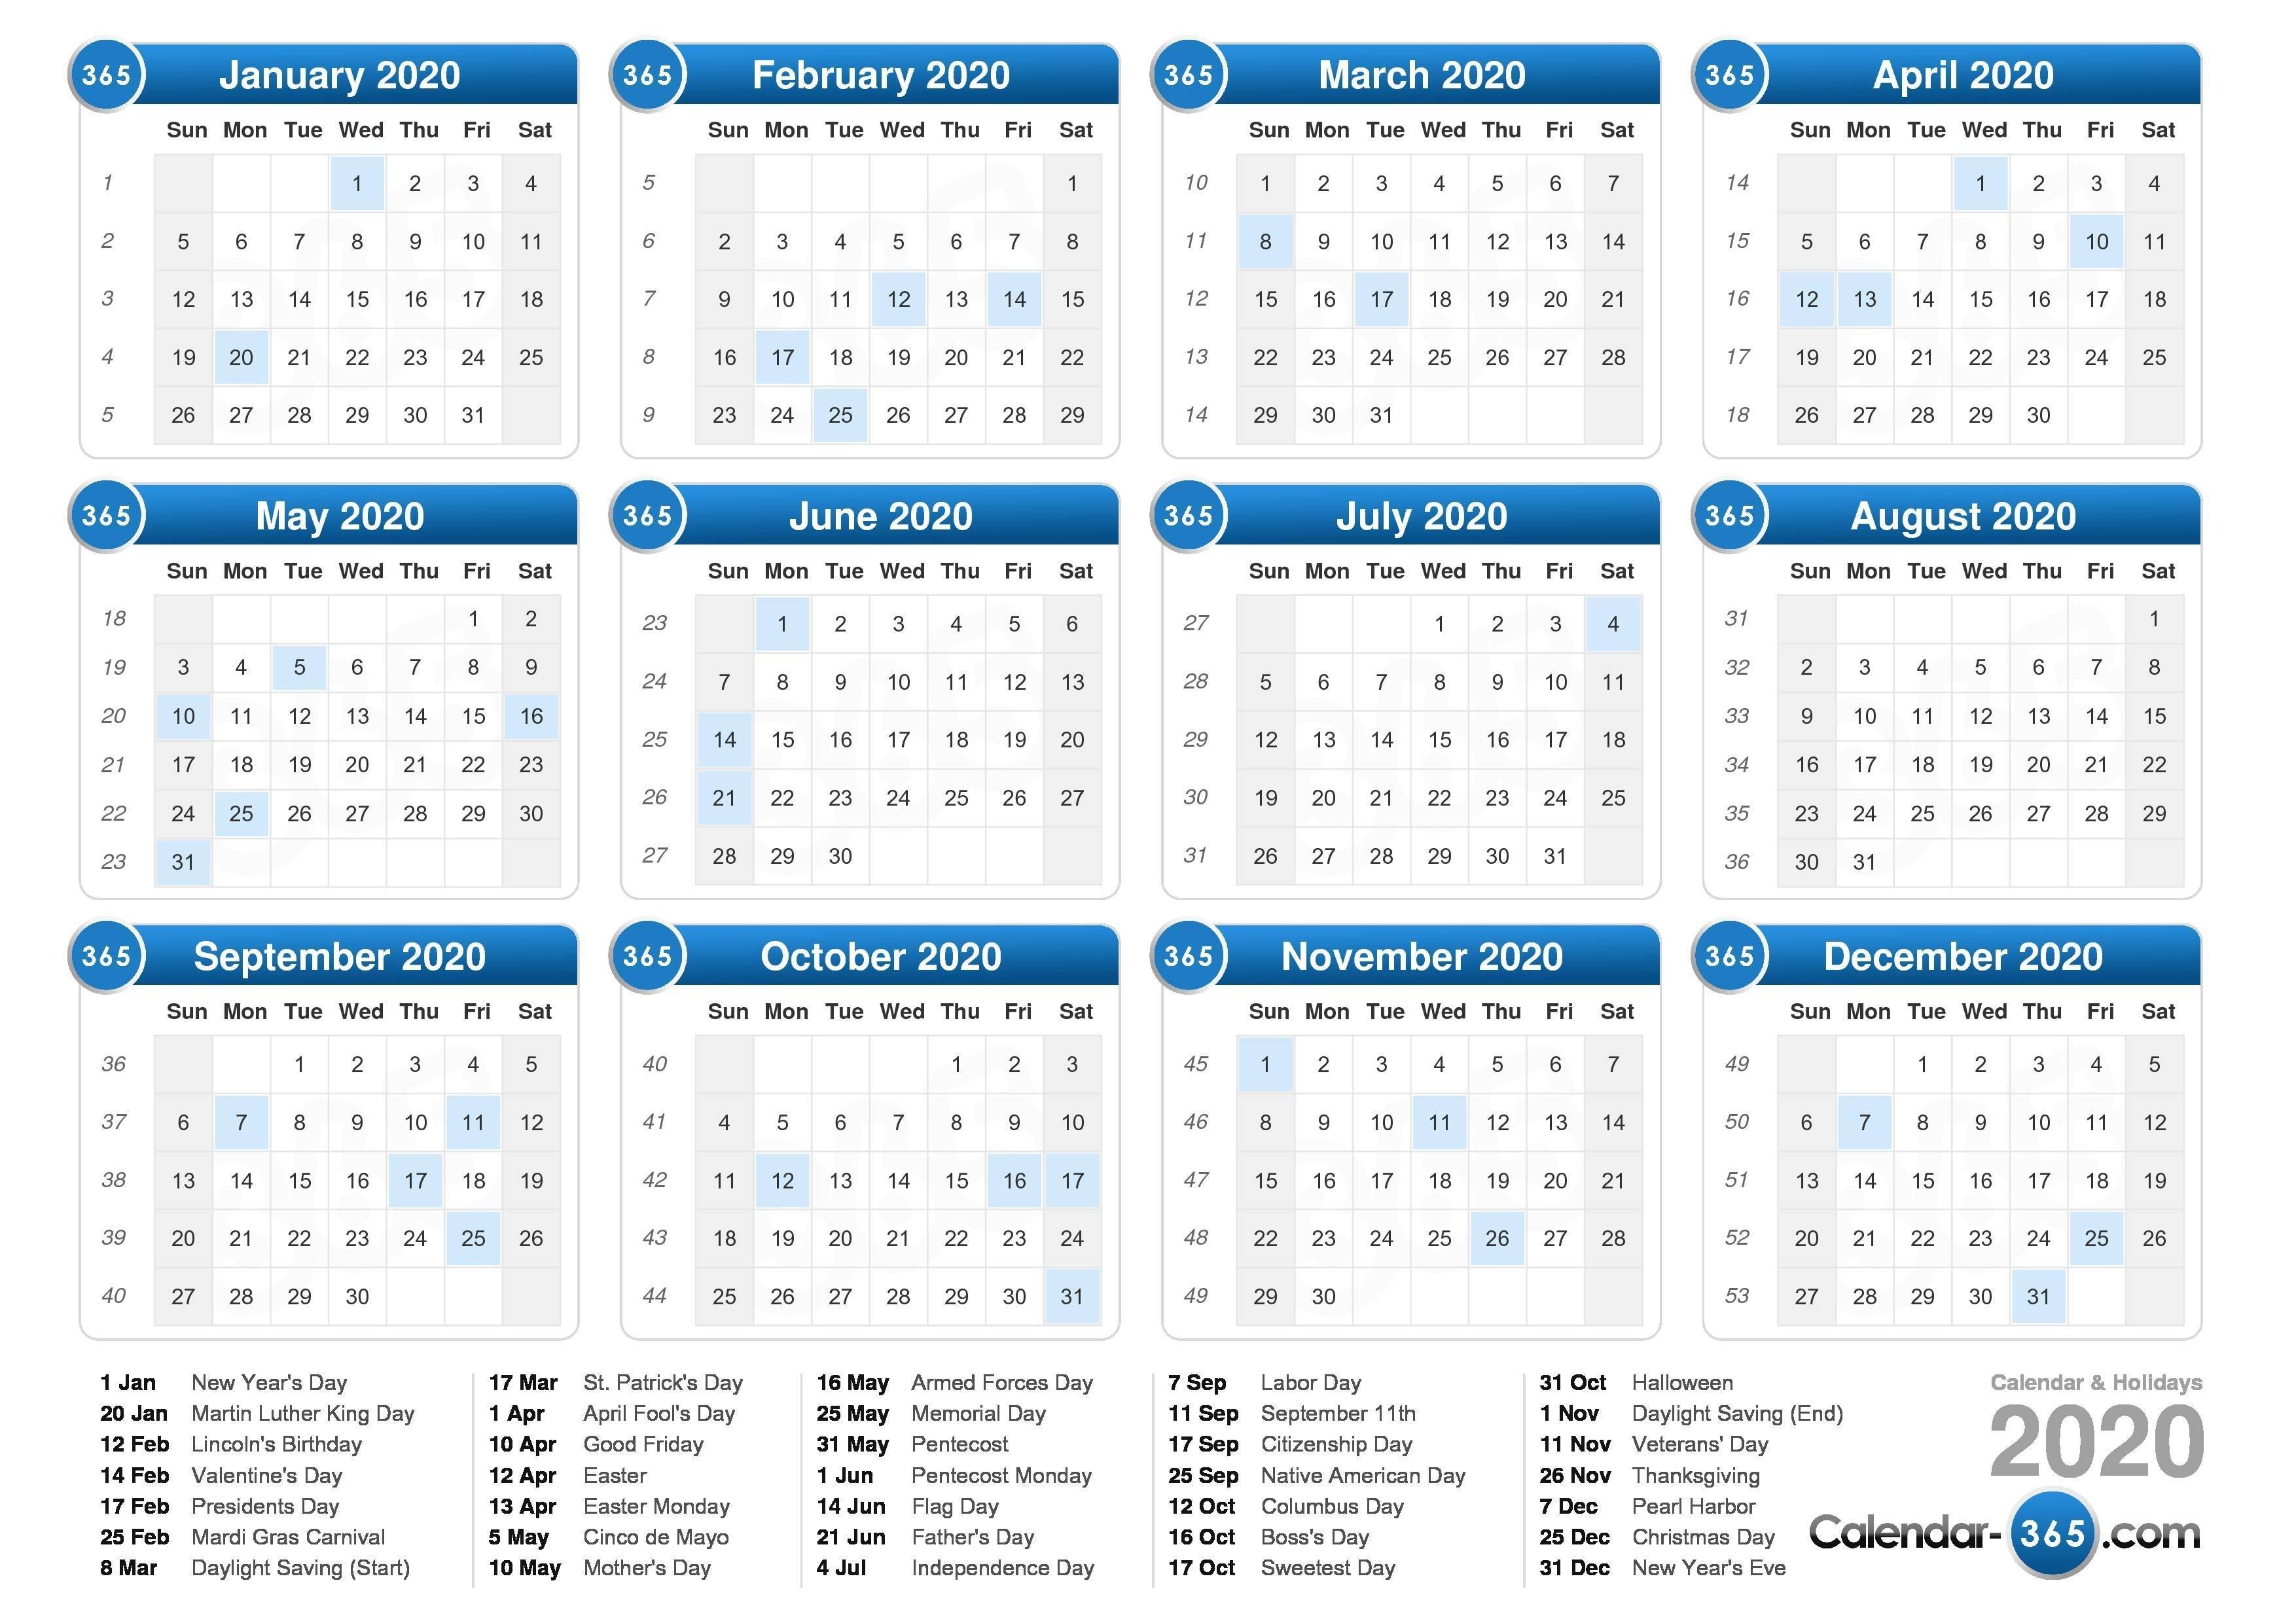 2020 Calendar-Calendar 2020 Holidays Us